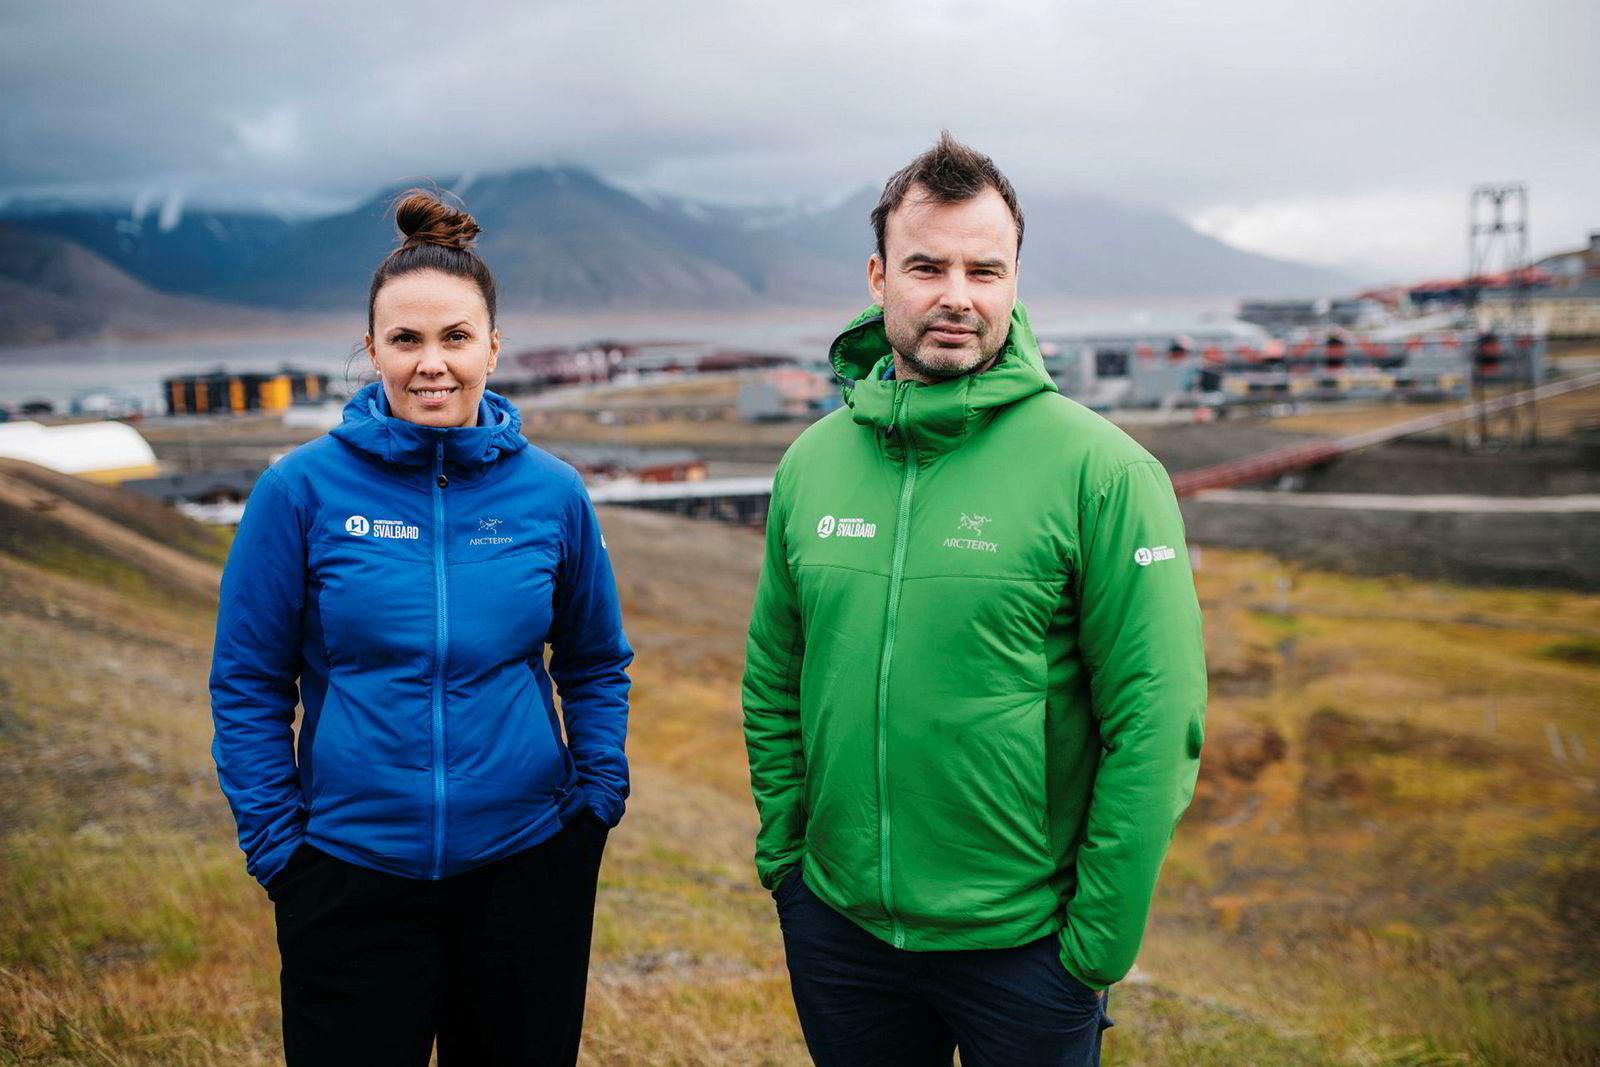 Åsa Gahns og Eskil Solberg i Hurtigruten Svalbard merker tydelig at bedrifter ønsker seg aktive reiser og mer ekstreme opplevelser.